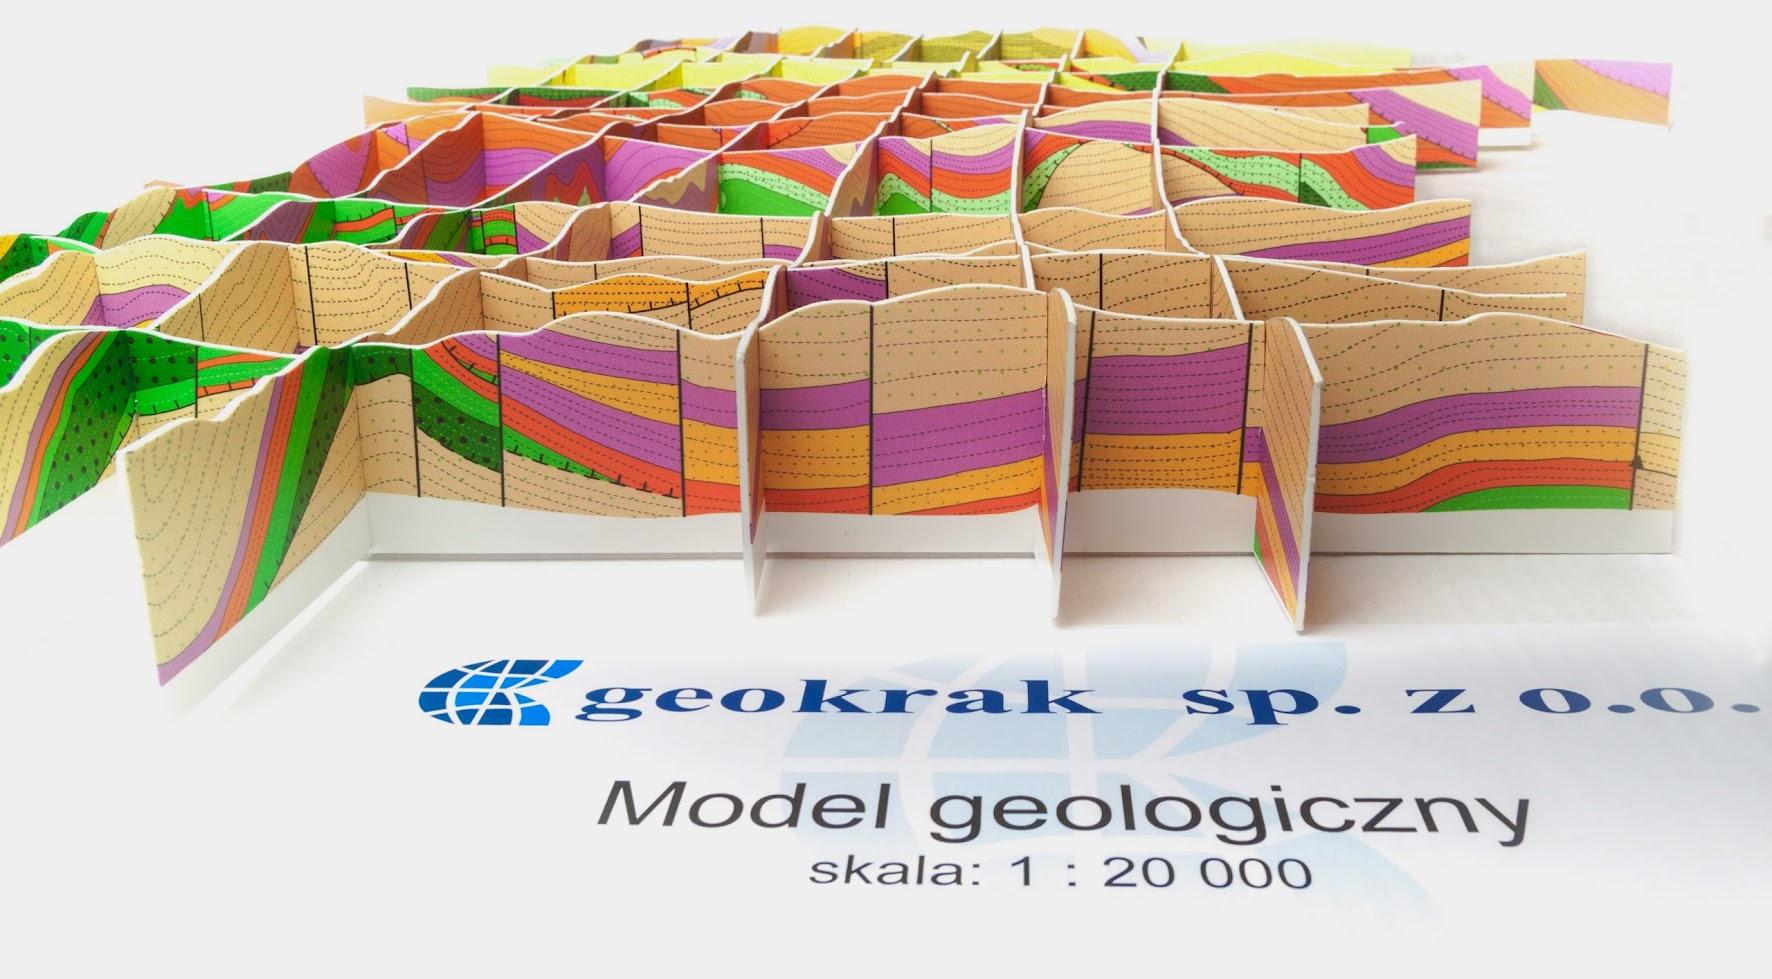 model geologiczny geokrak